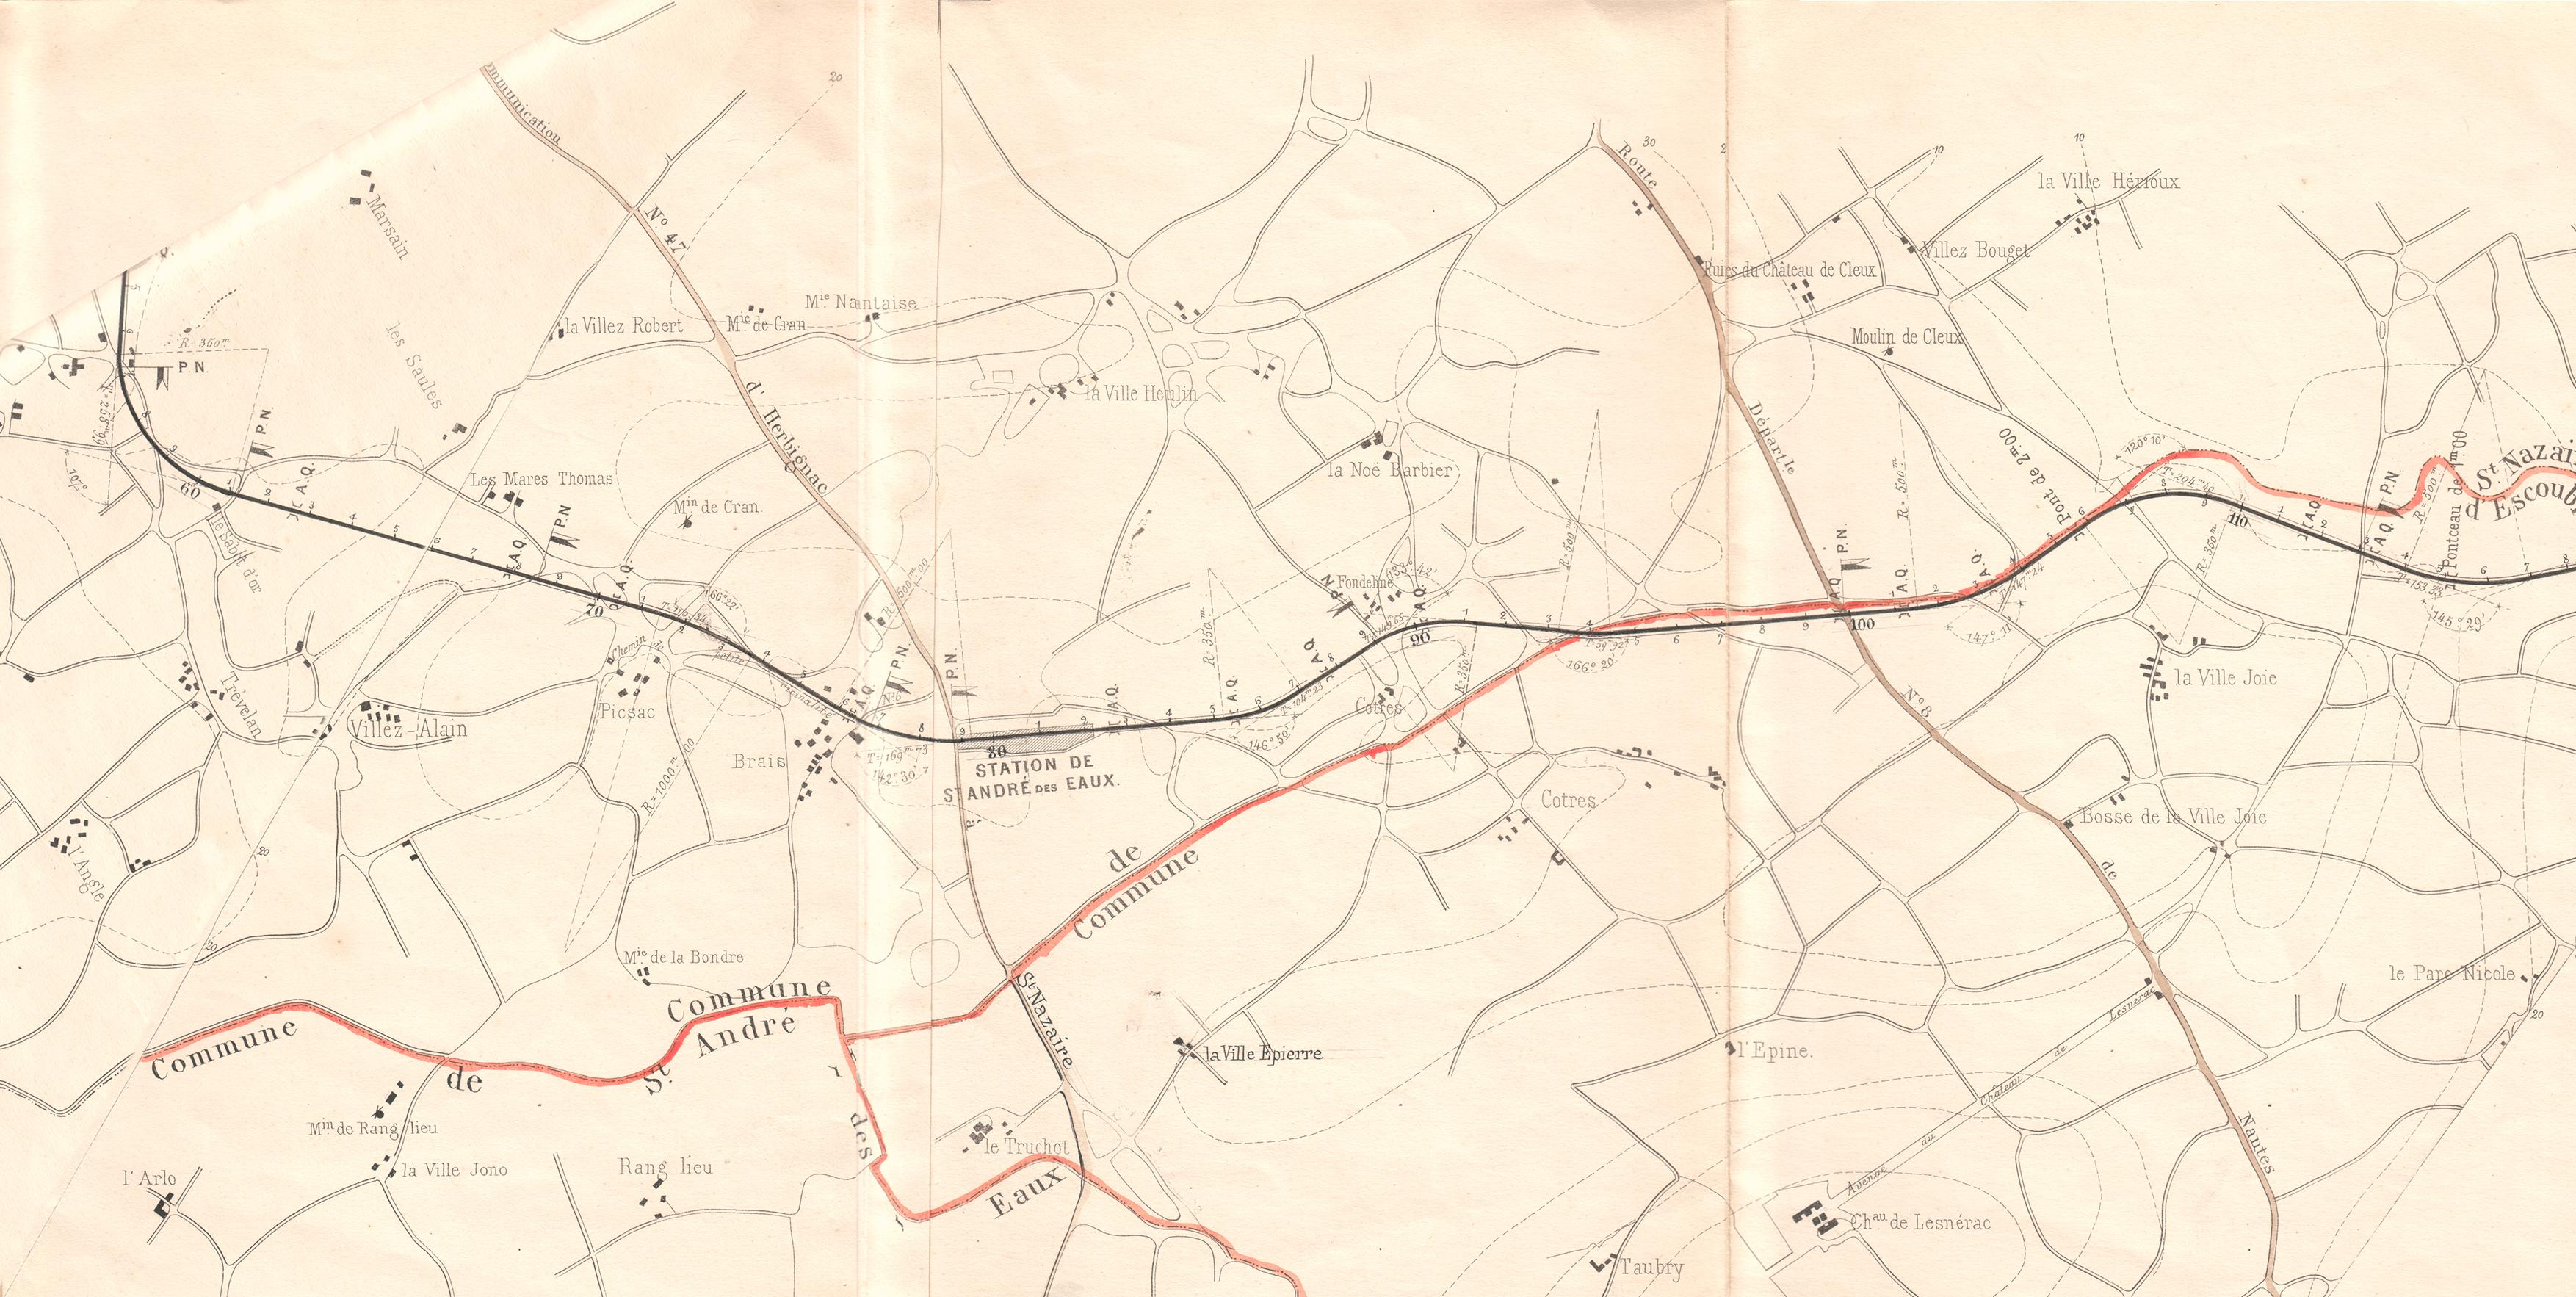 0- Plan de 1875 de la Compagnie du chemin de fer de Saint-Nazaire au Croisic.